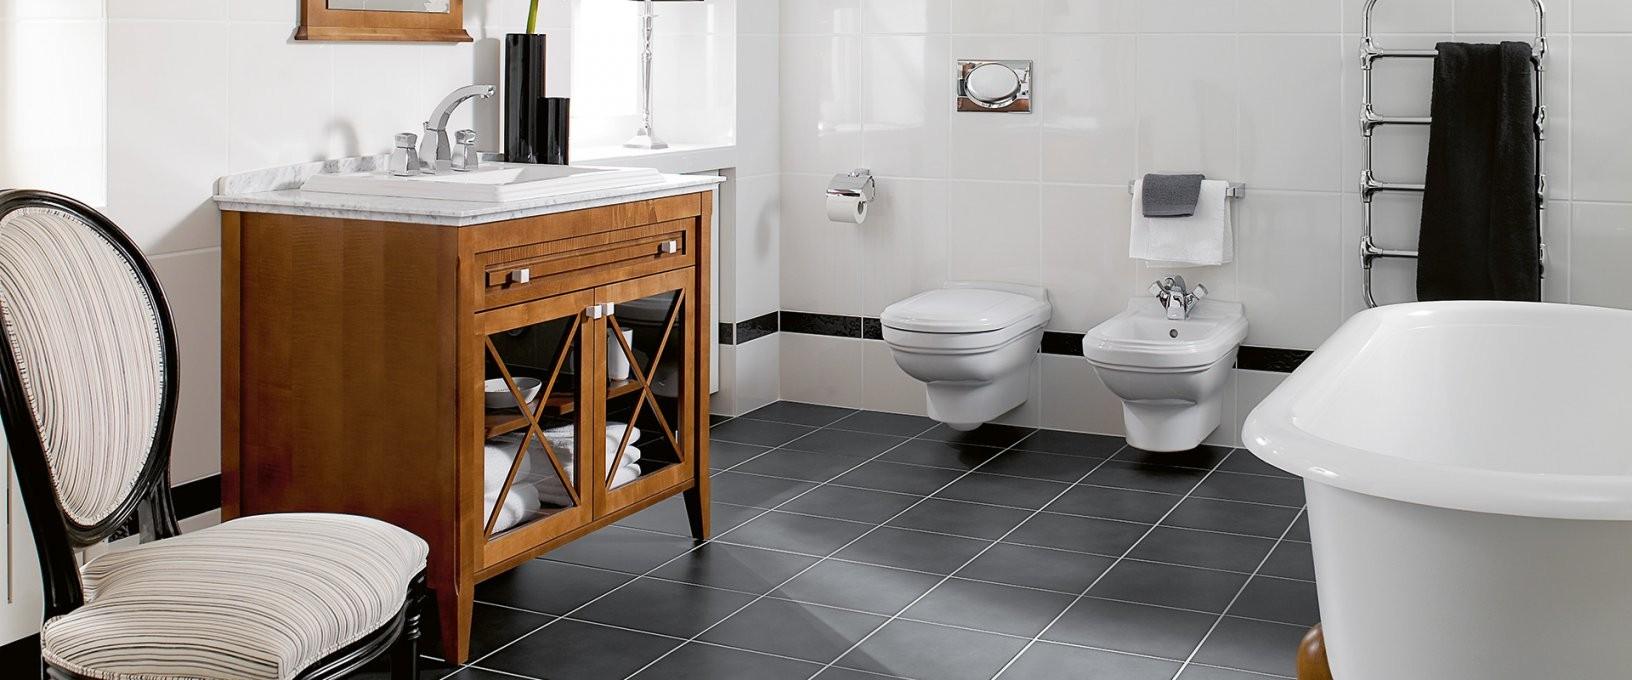 Hommage  Badkollektion Mit Stufenreliefs  Villeroy & Boch von Villeroy Und Boch Bad Waschbecken Bild